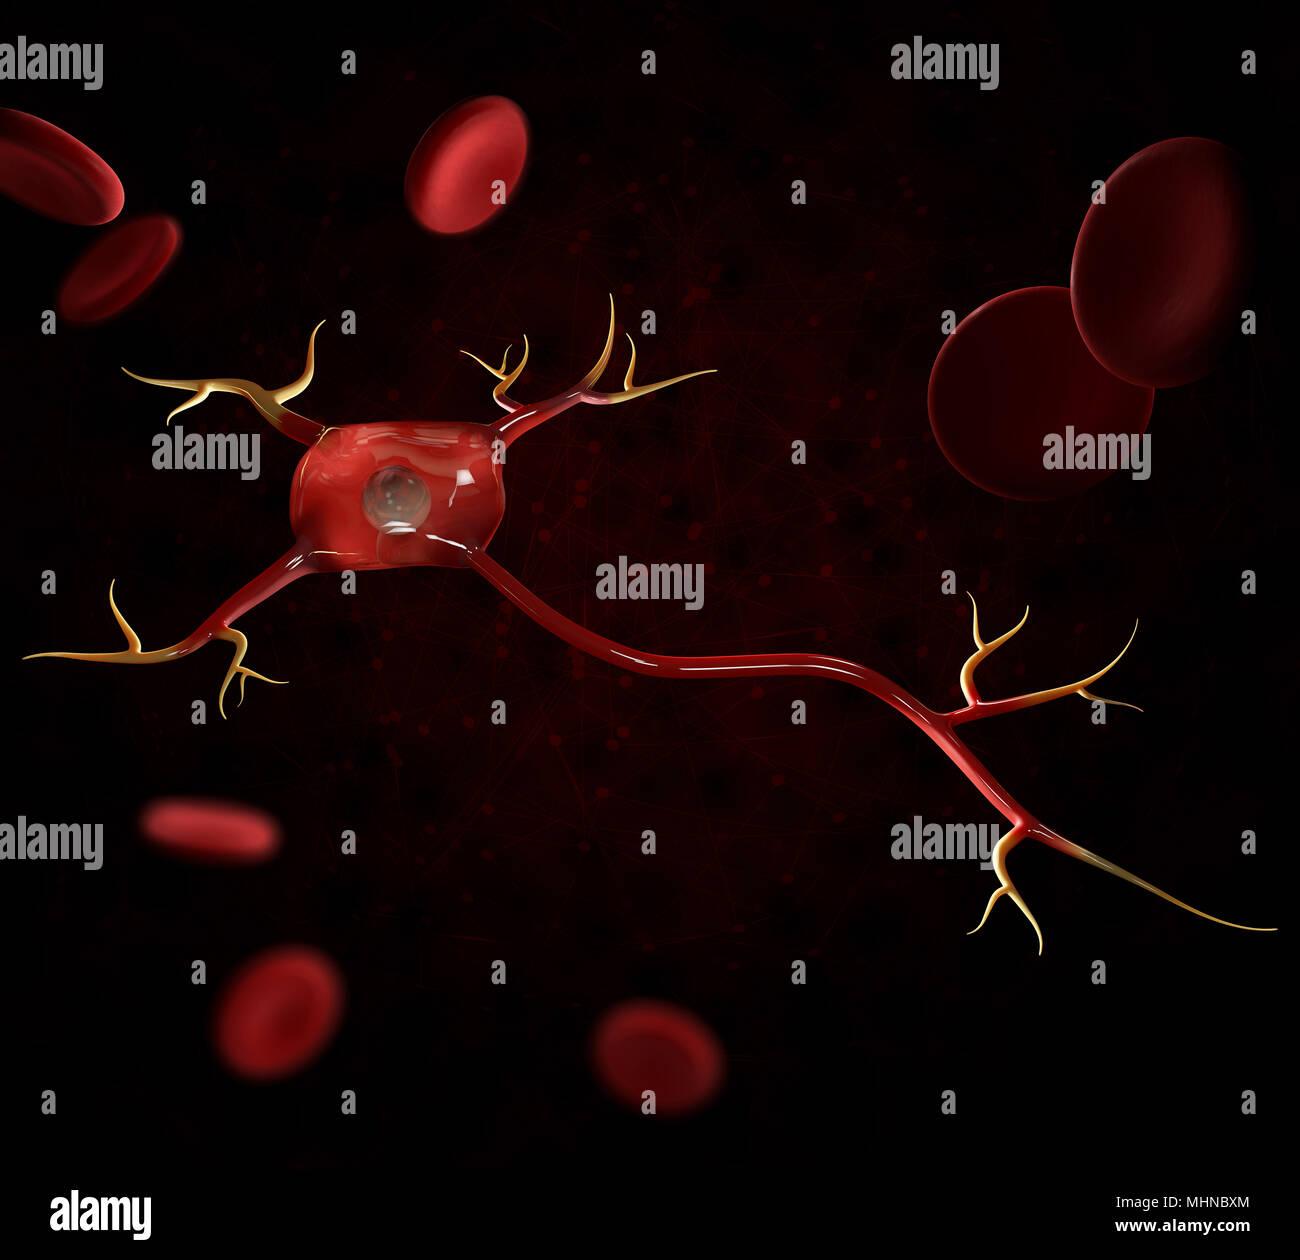 Ilustración 3d de células neuronales con células sanguíneas, ilustración 3D de alta resolución Imagen De Stock